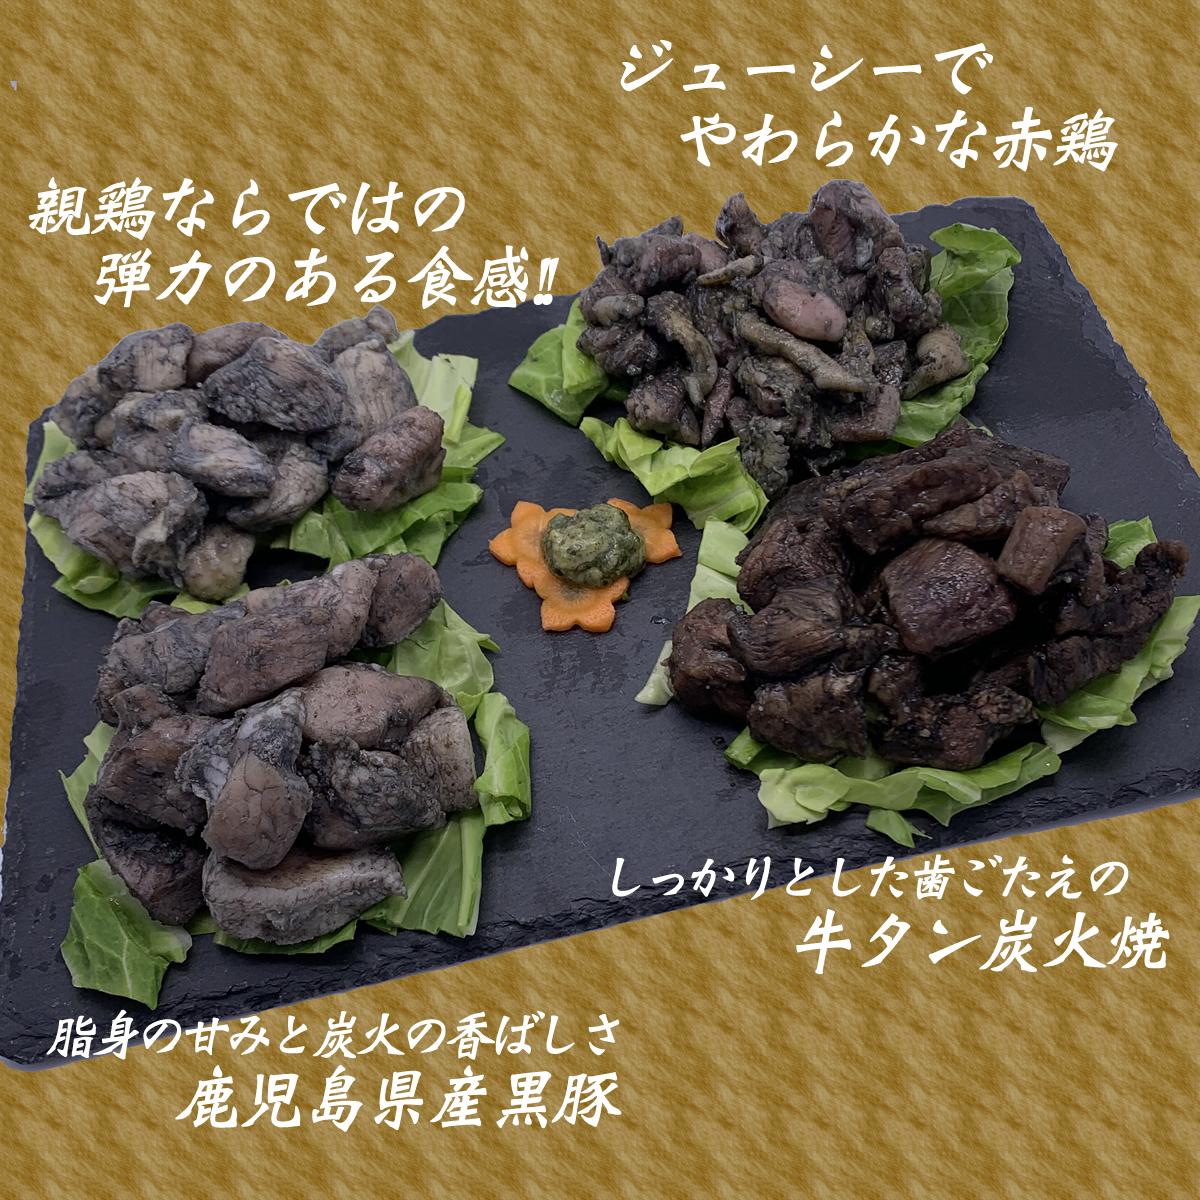 センターフーズ蒼の恵薩摩の和惣菜国産種鶏味付品